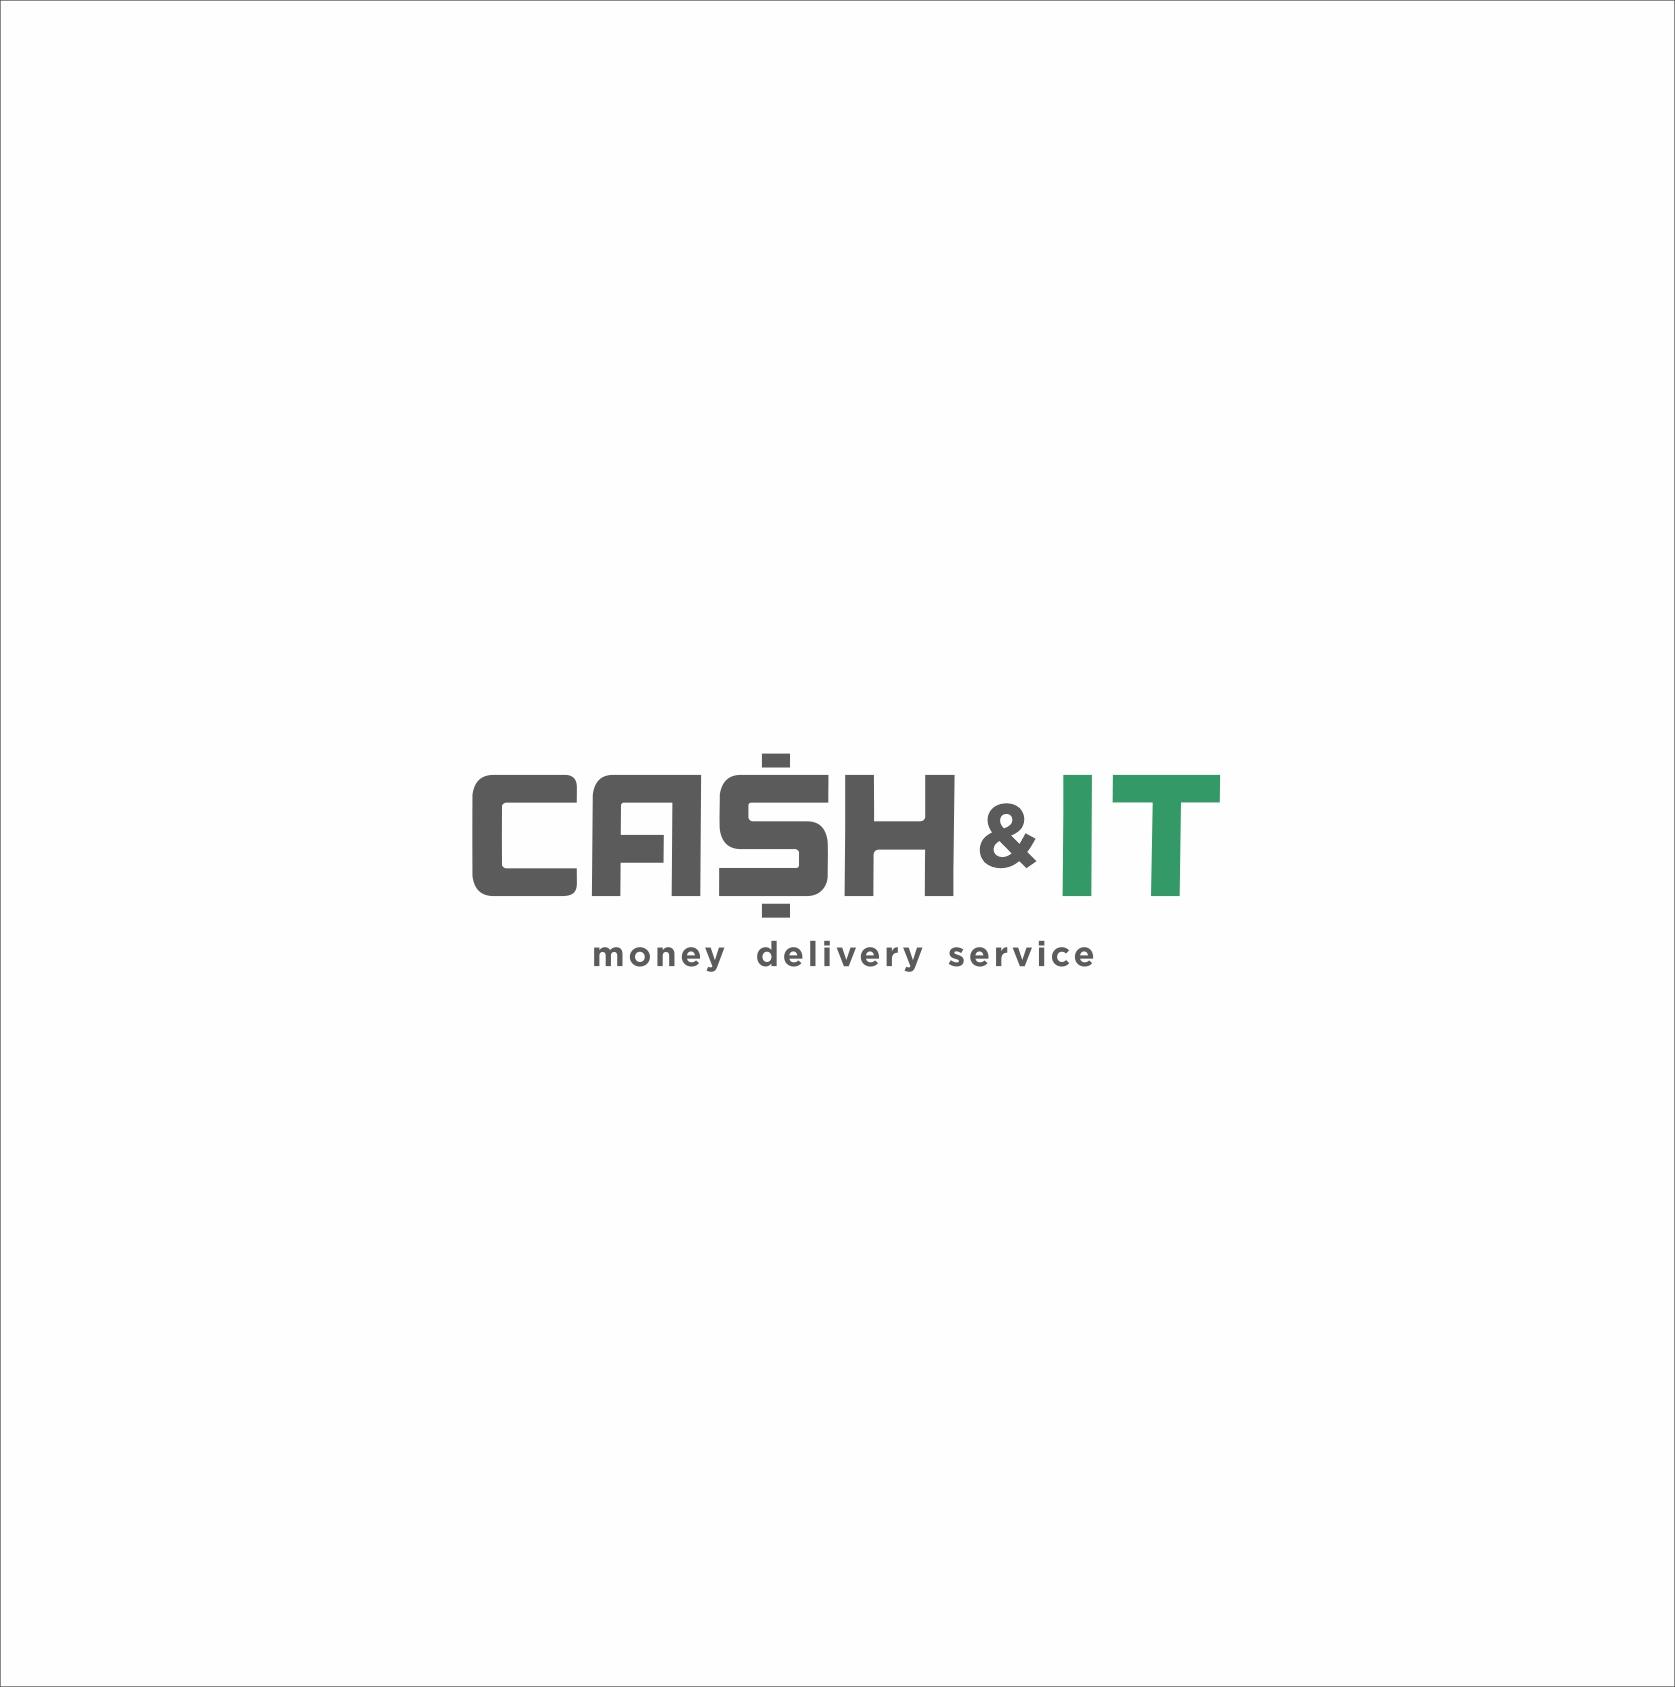 Логотип для Cash & IT - сервис доставки денег фото f_6065fdf677165459.jpg